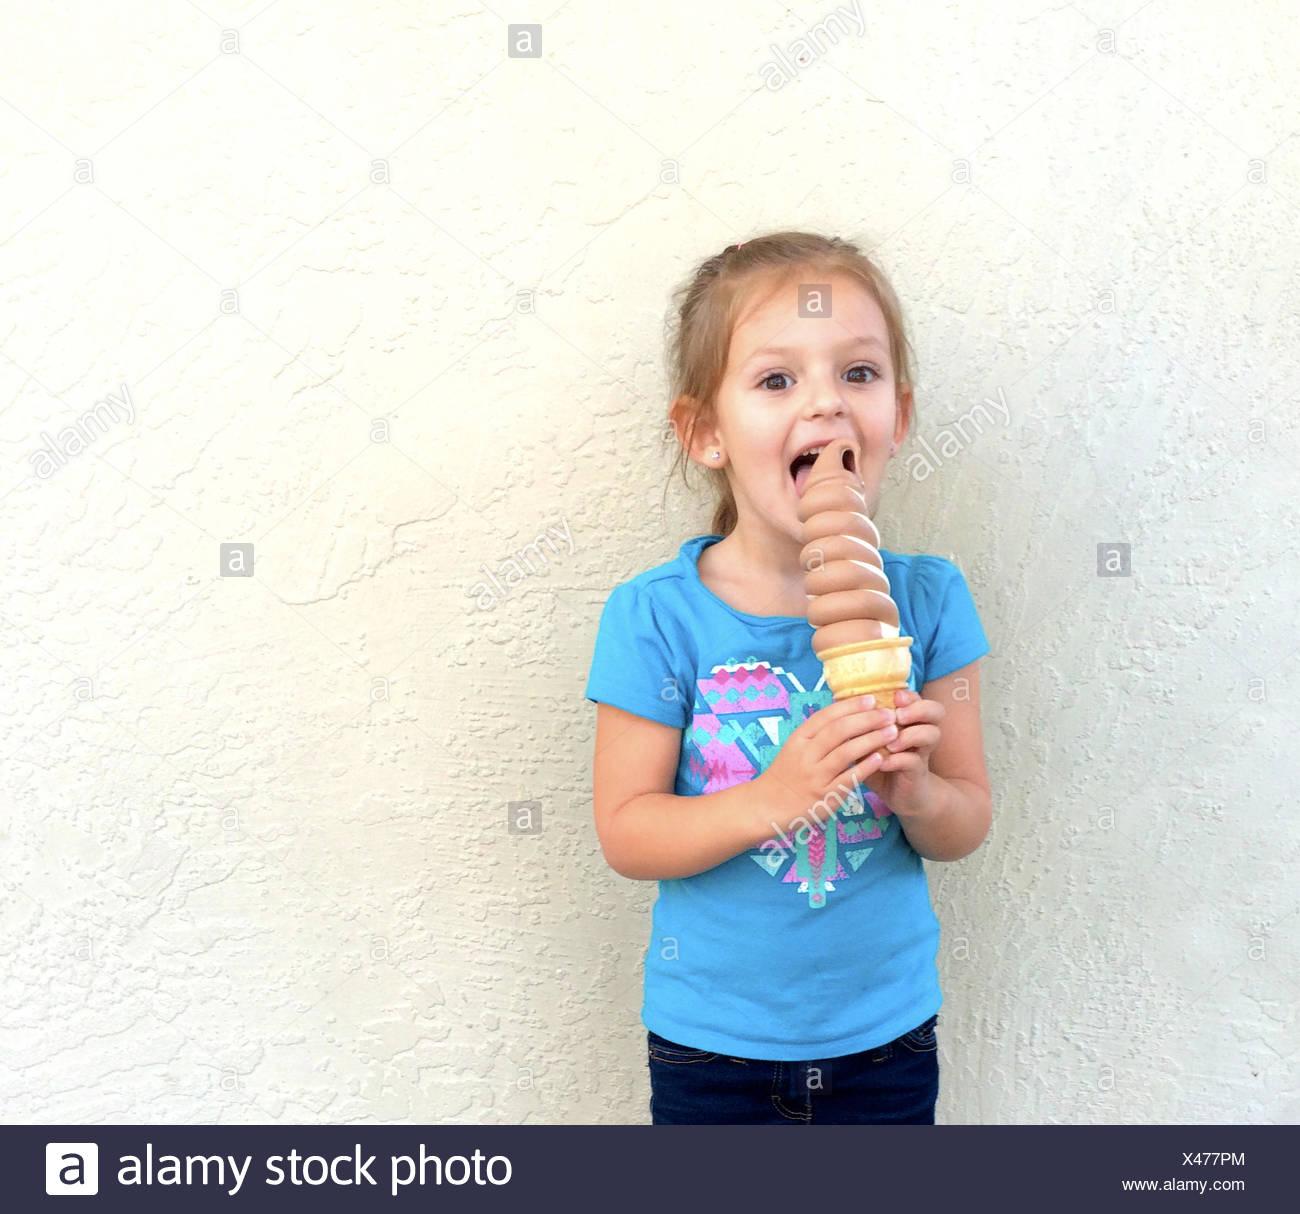 Girl (4-5) with ice cream cone Photo Stock